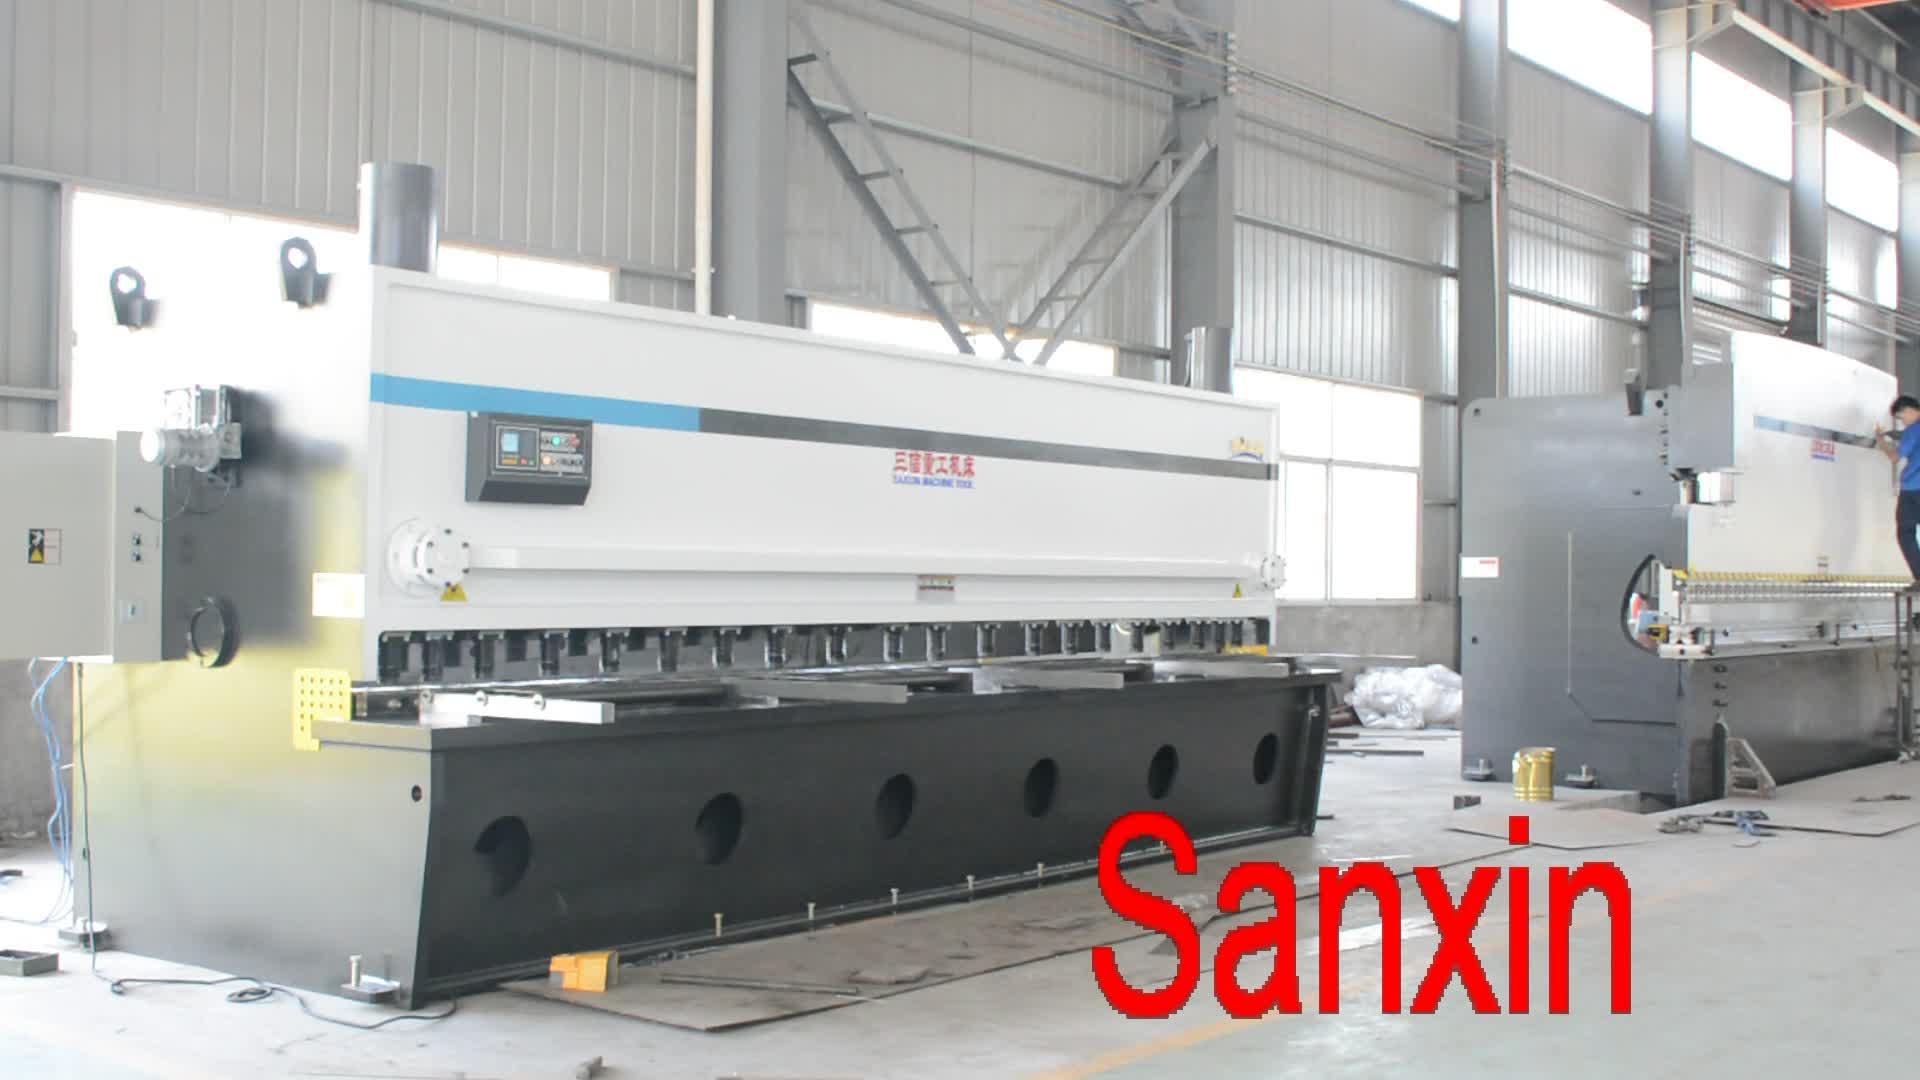 SXZG ألمانيا شنايدر E21 تحكم آلة المقصلة الكهربائية آلة القص الهيدروليكية QC11Y-12x4000 للبيع الفلبين